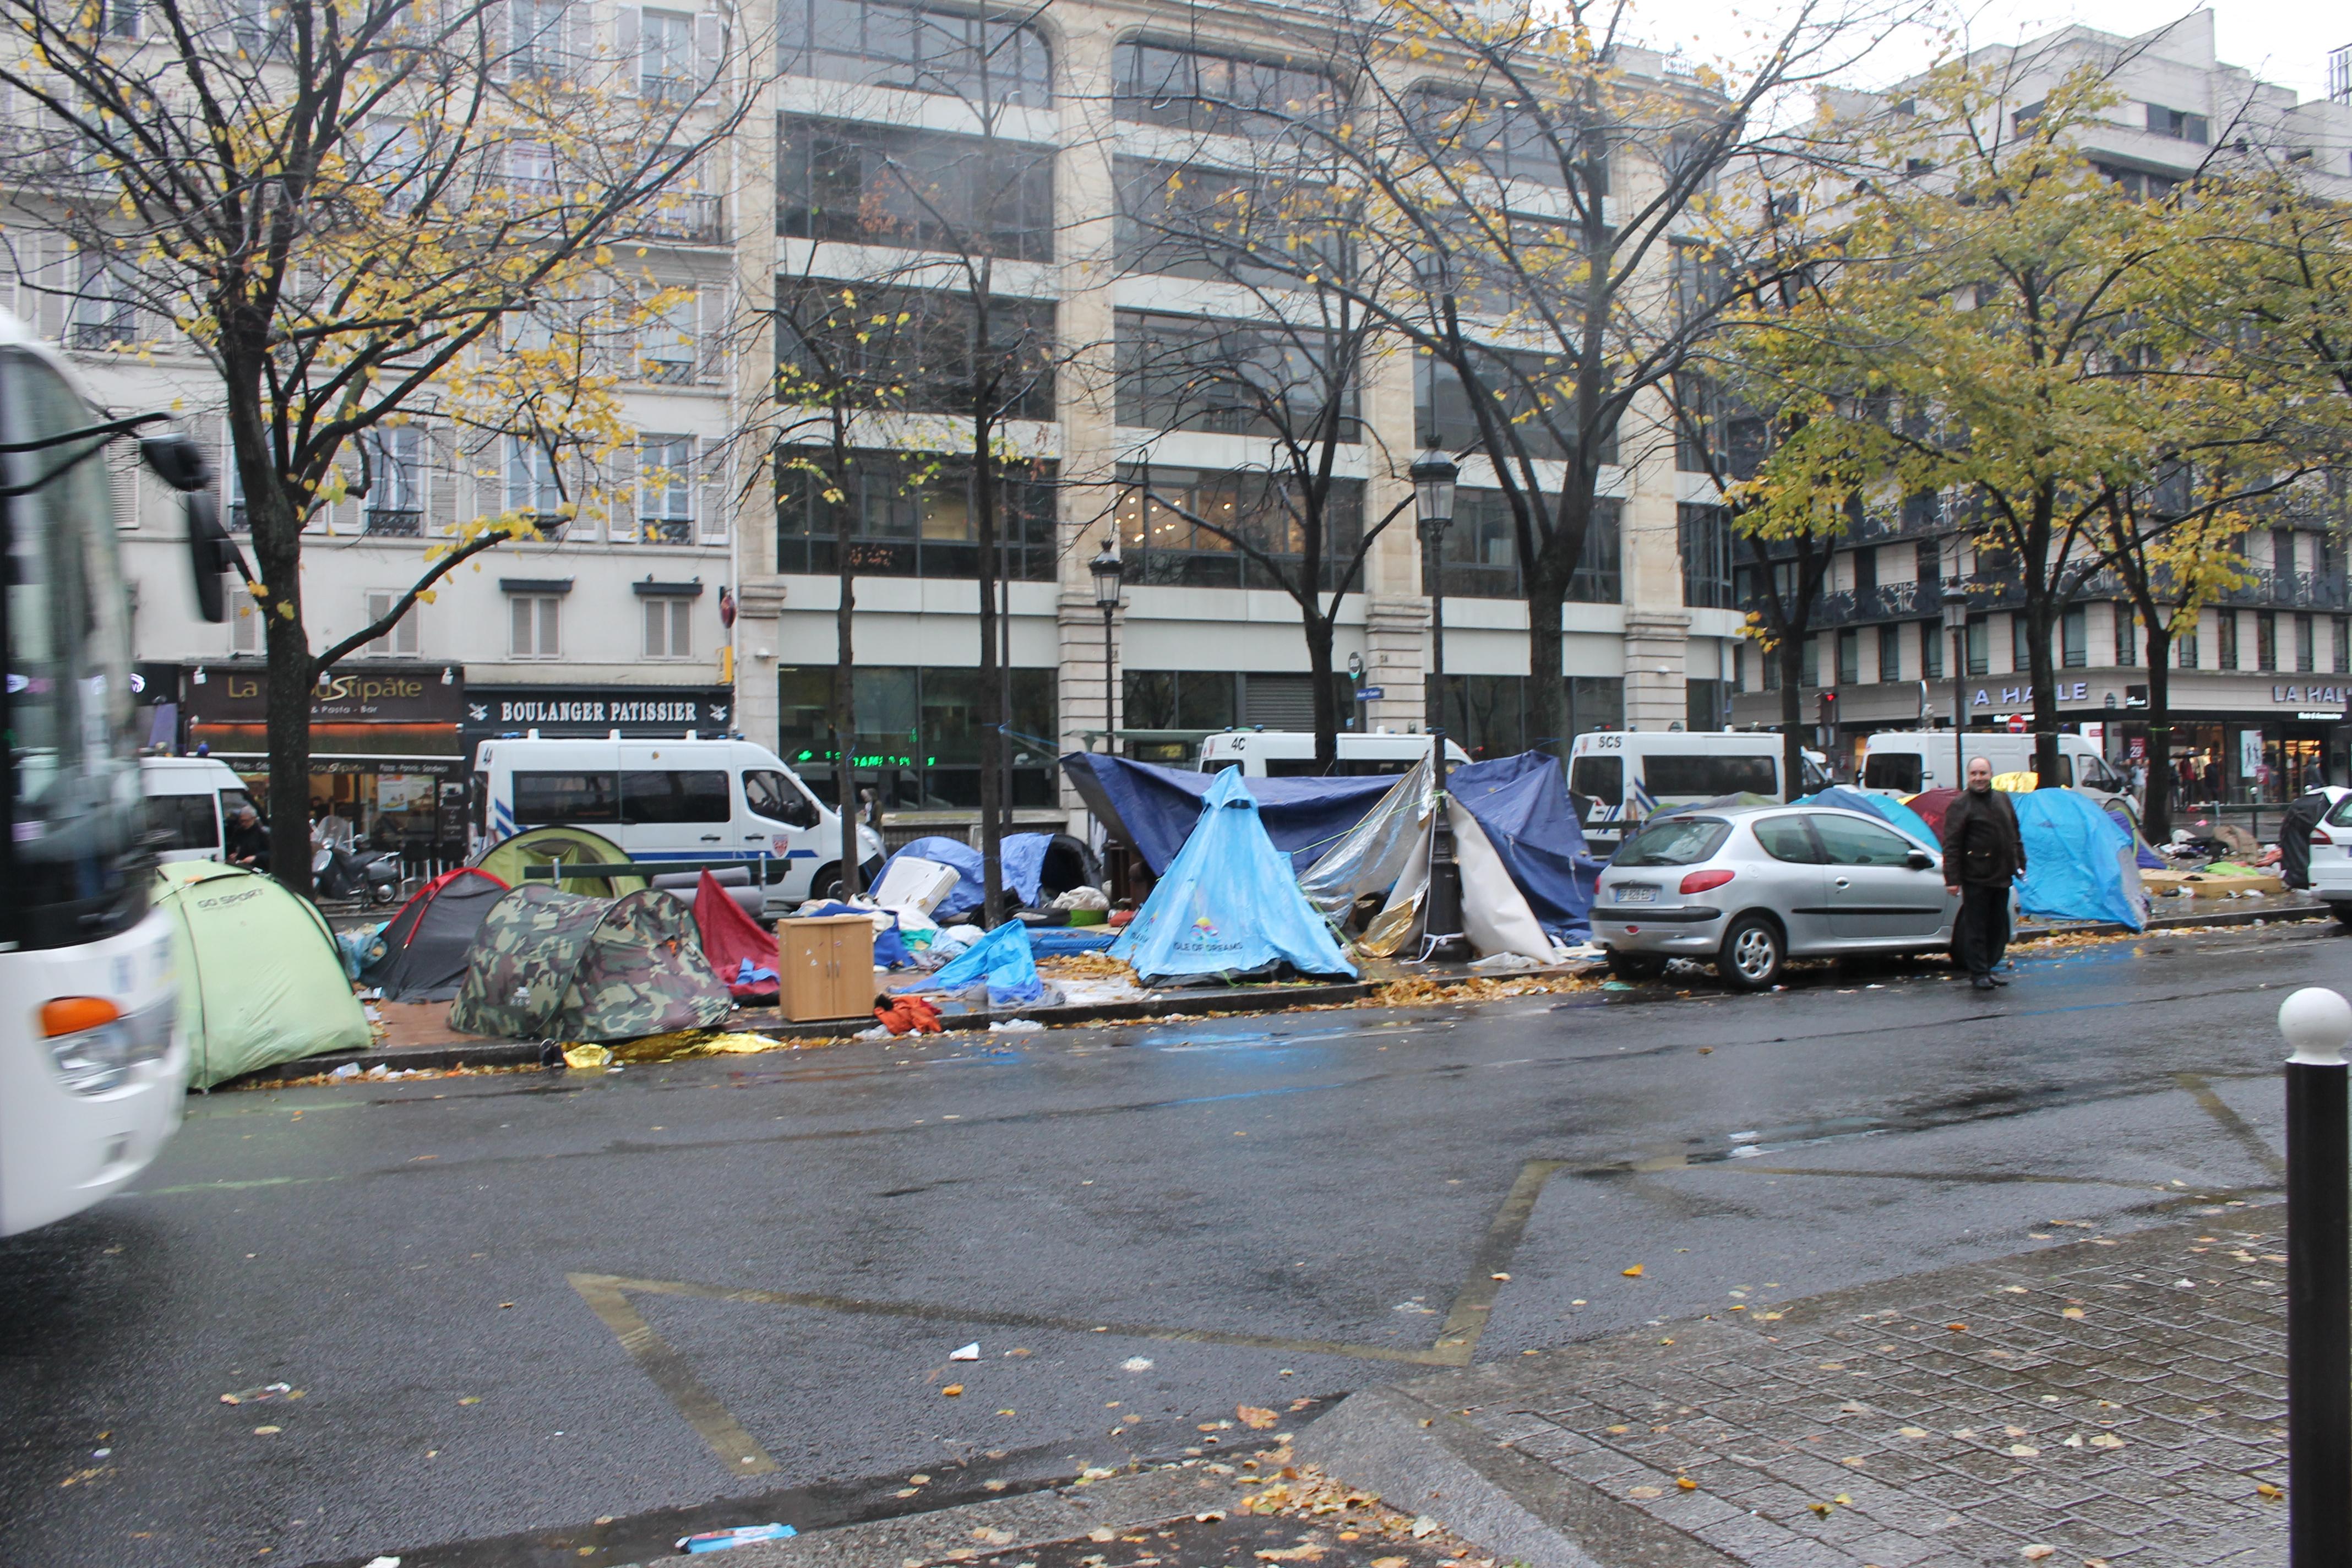 evacuazione-migranti-stalingrado-4-novembre-14